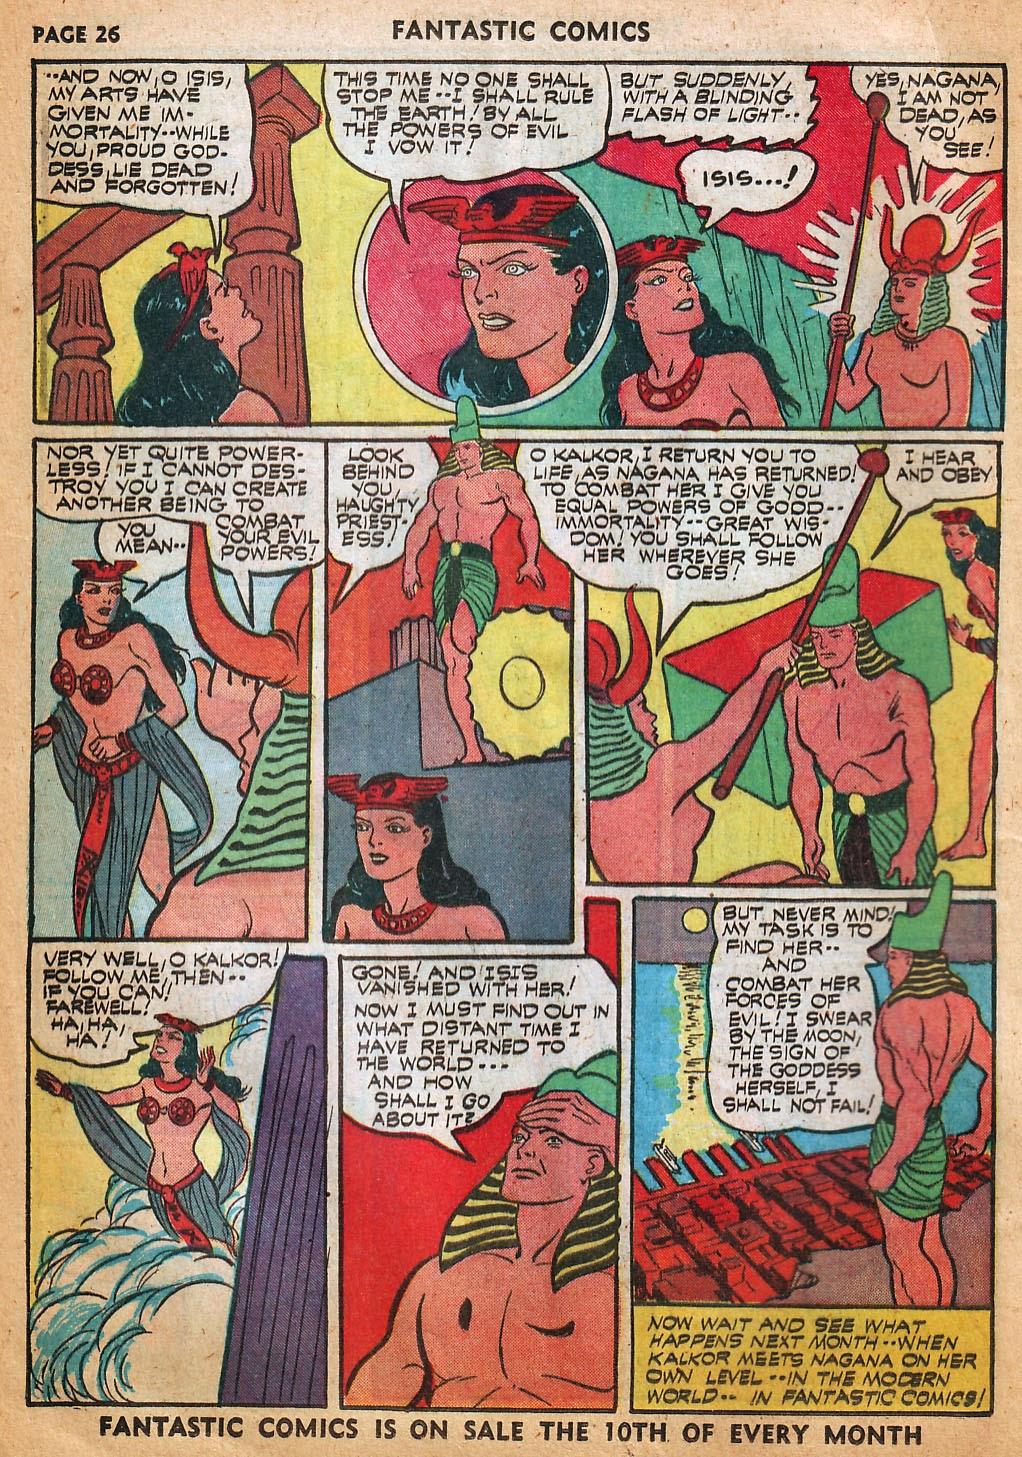 Read online Fantastic Comics comic -  Issue #22 - 28